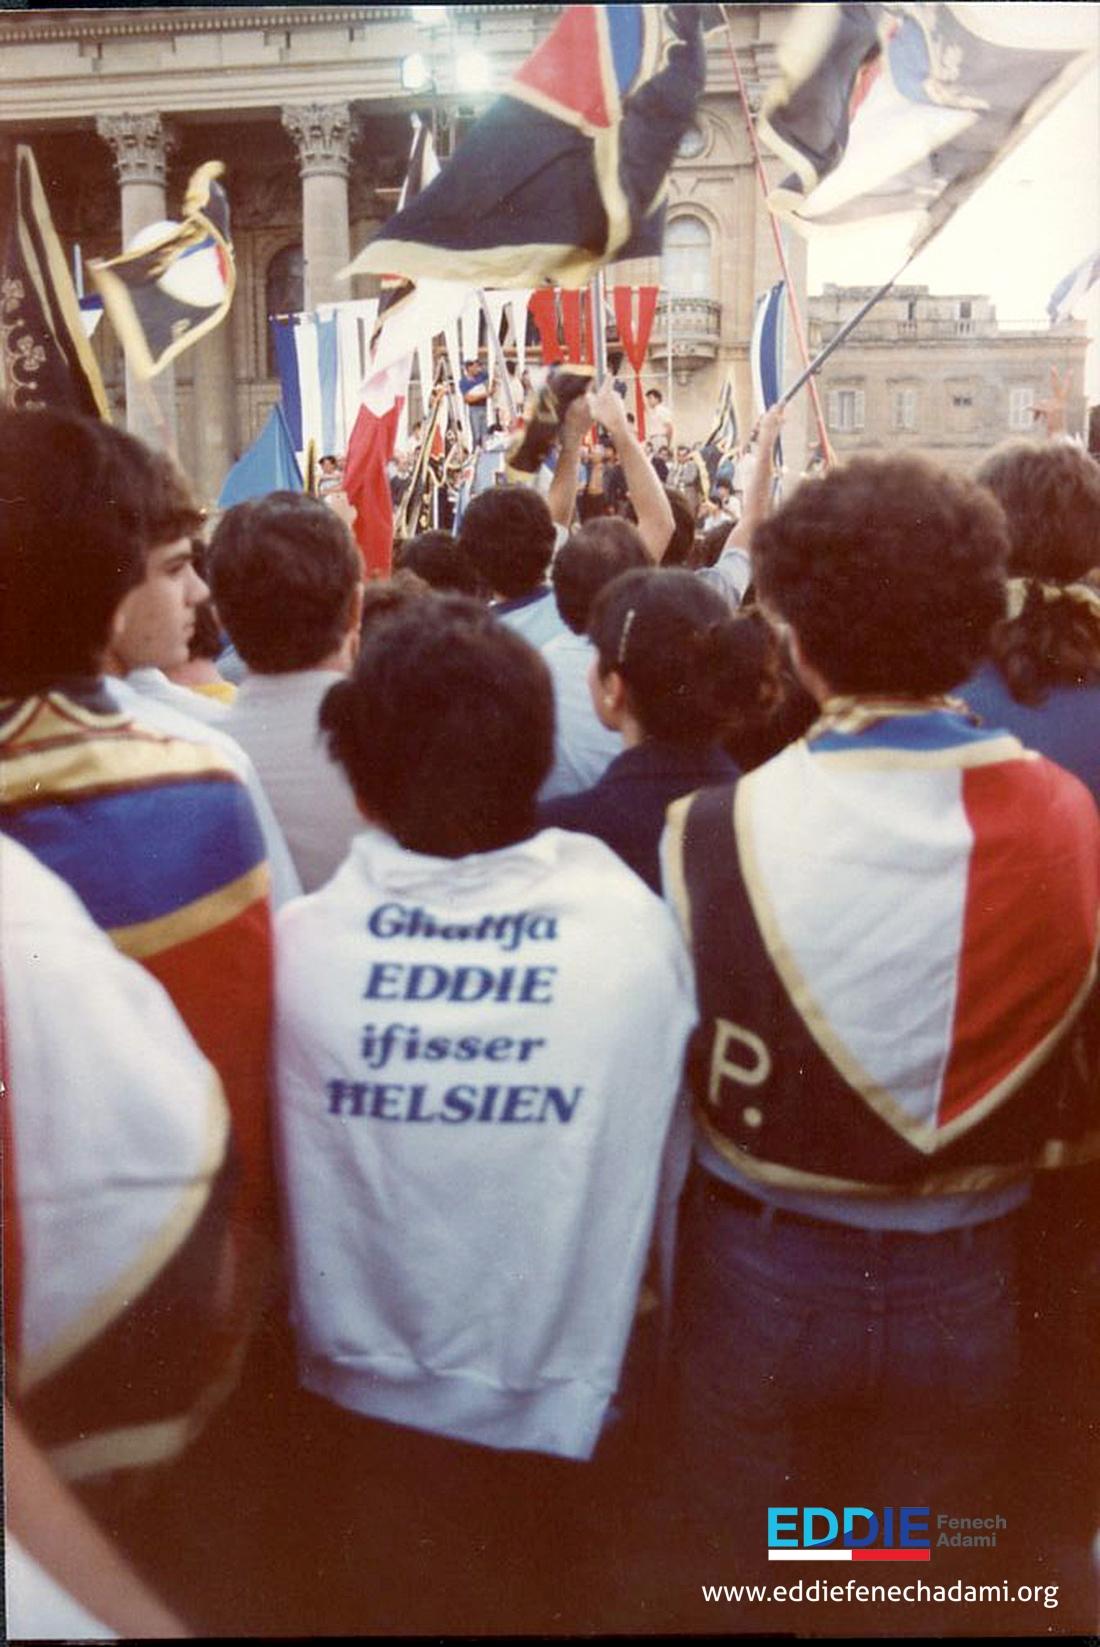 www.eddiefenechadami.org0244